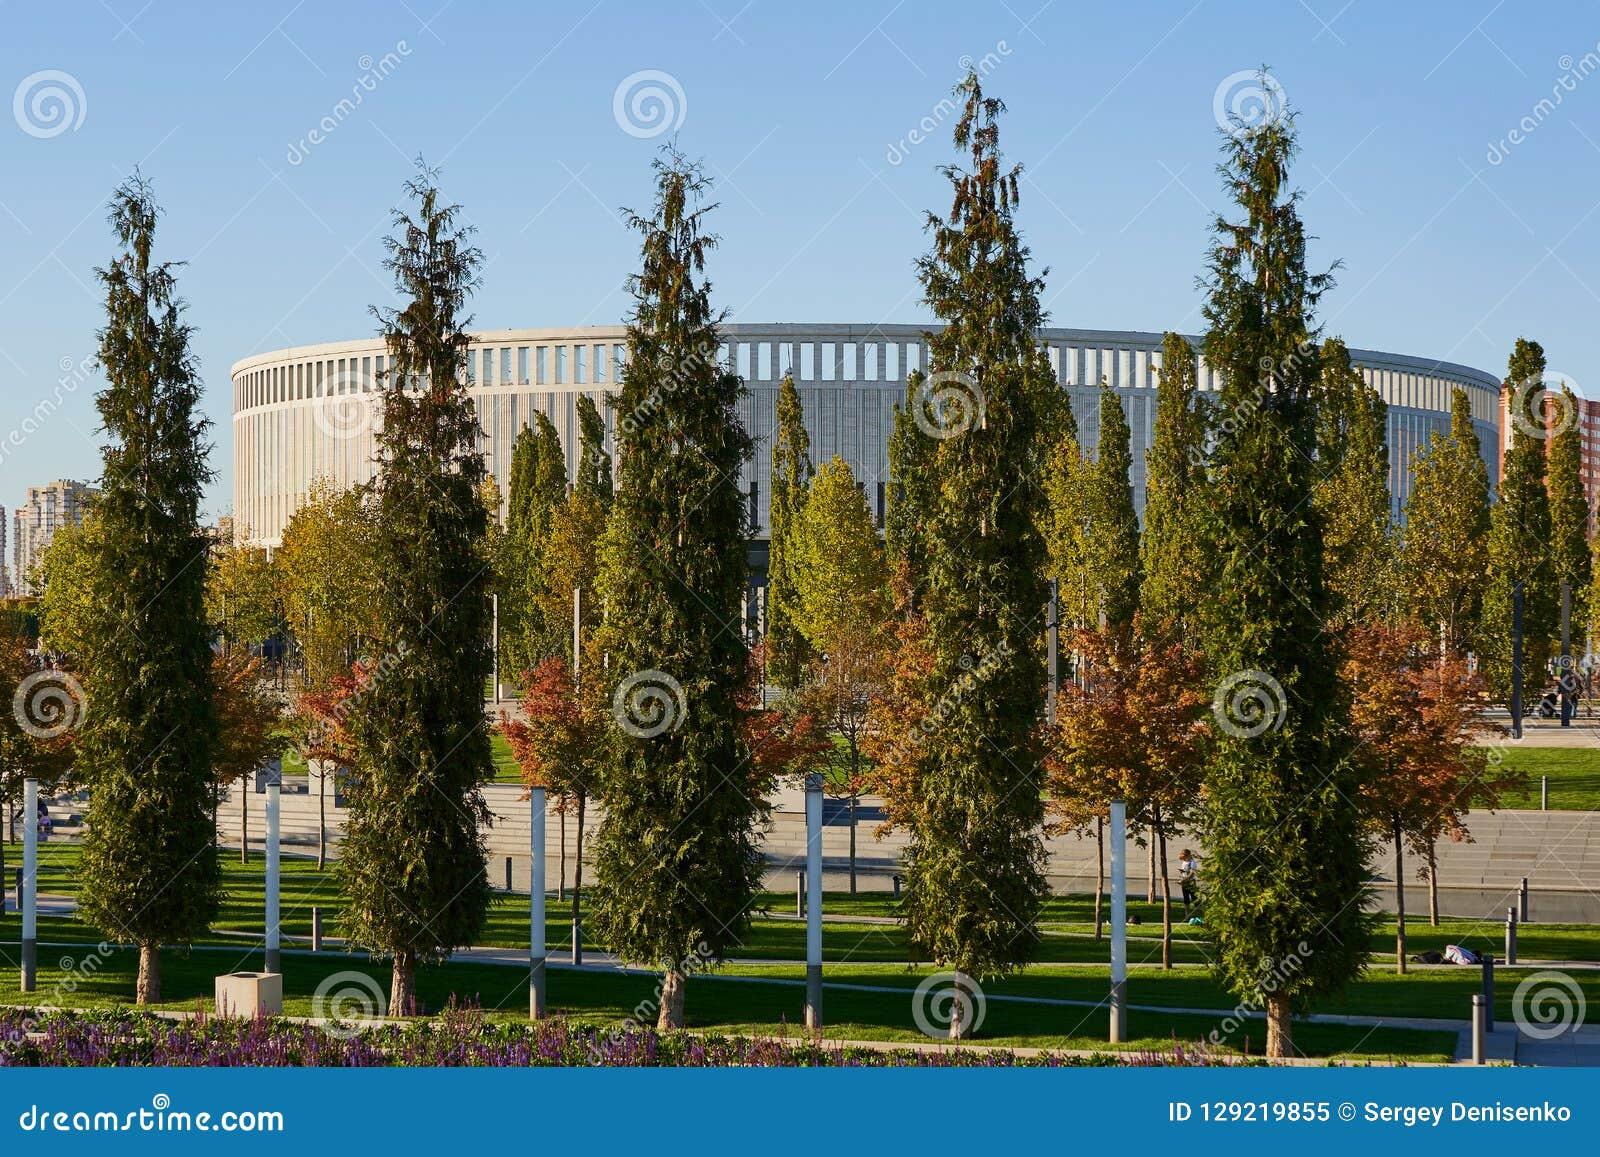 Krasnodar, Rusia - 7 de octubre de 2018: Filas delgadas del árbol de hoja perenne y de árboles de hojas caducas en la  promenade